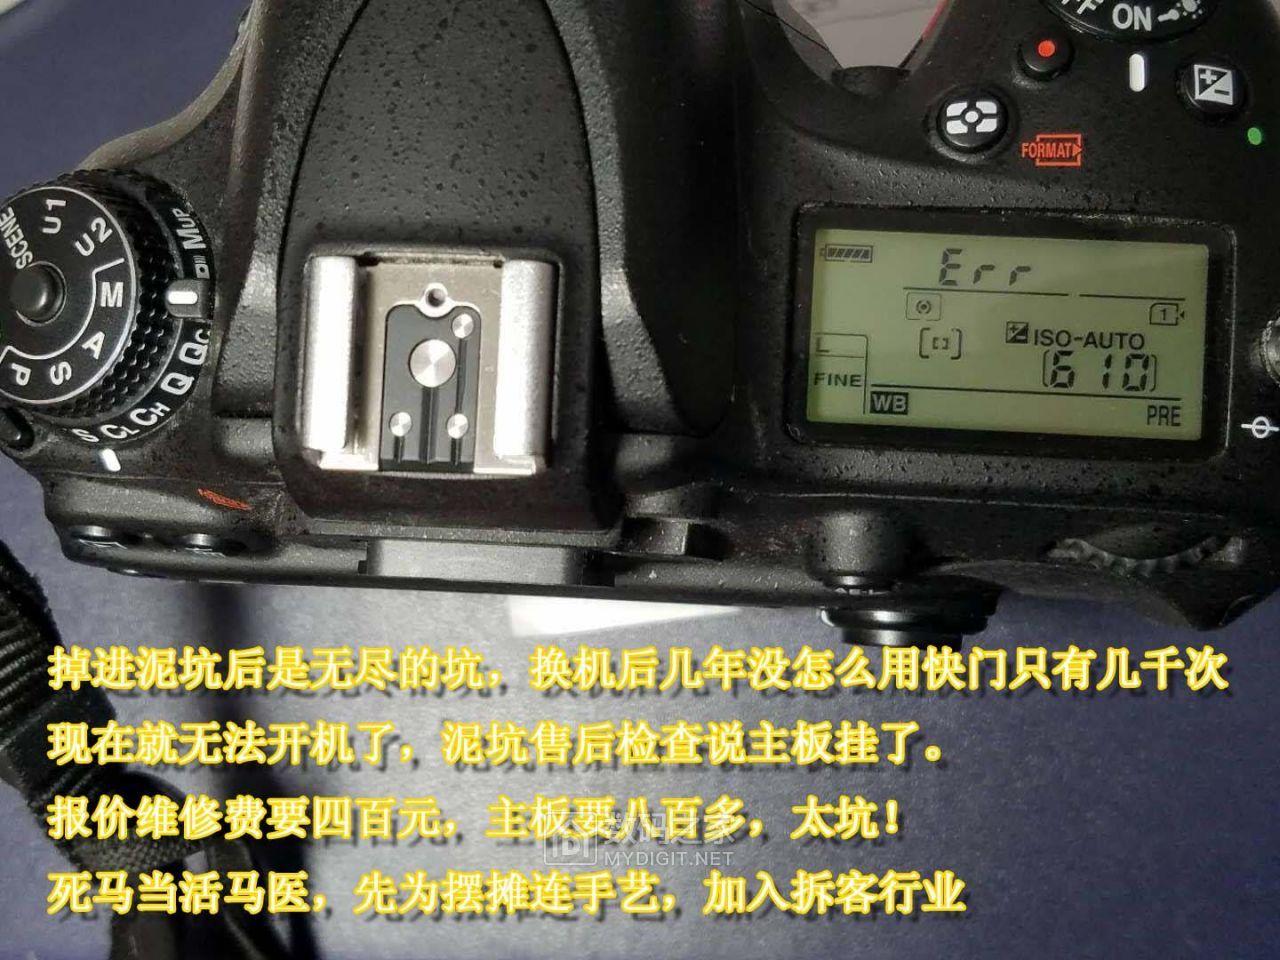 D610ERR.jpg